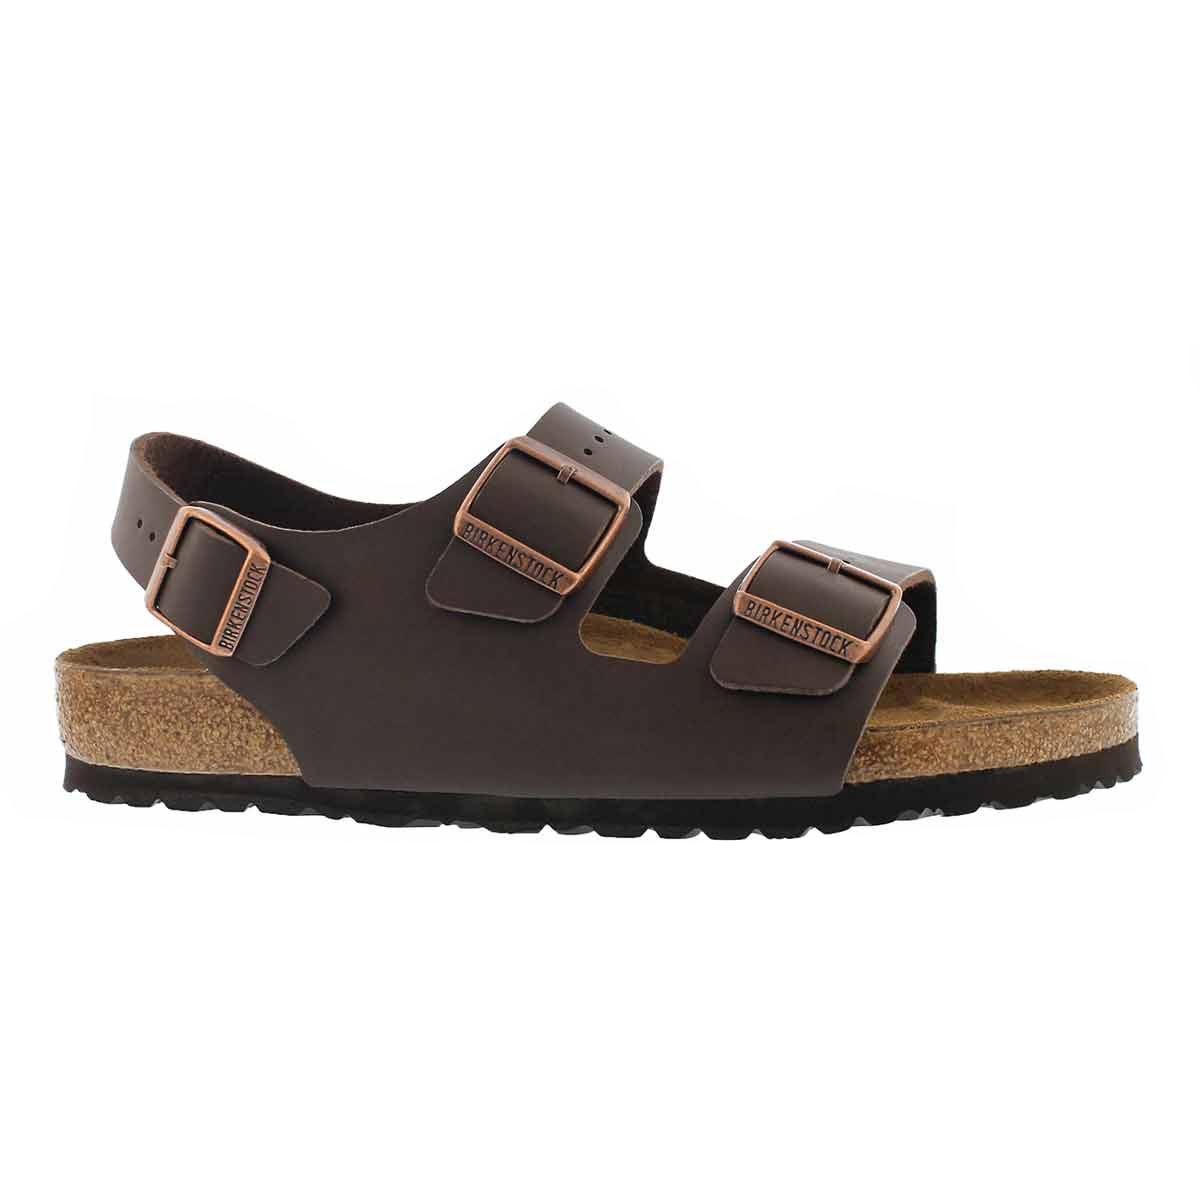 Sandale 3 sangles Milano BF, brun, hom